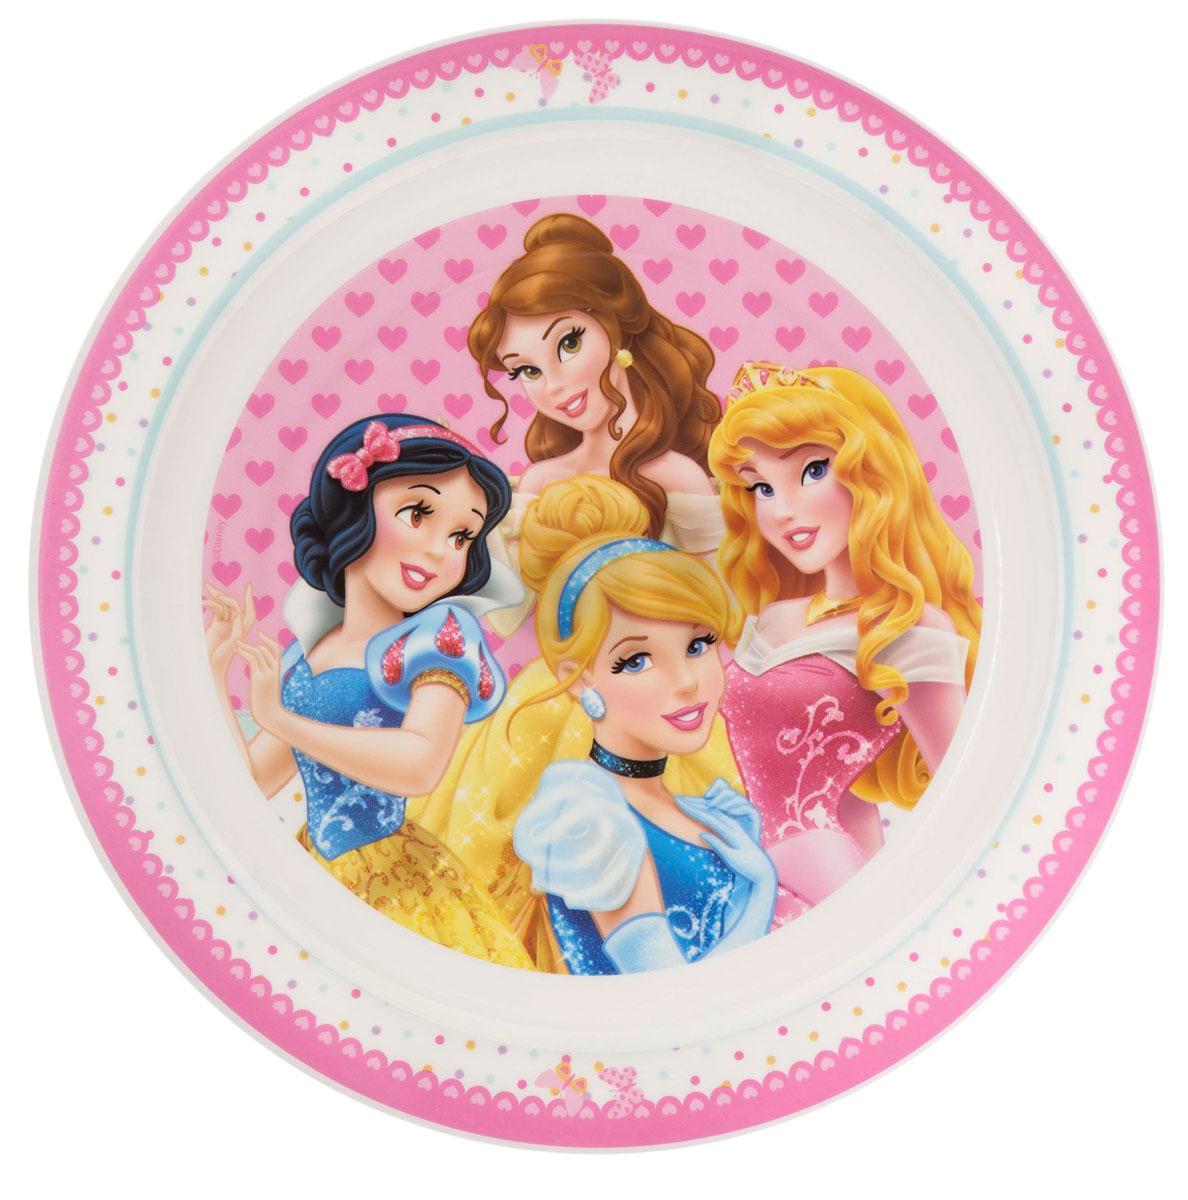 Тарелка большая Stor Принцесса, цвет: розовый, белый17355Большая яркая тарелка Stor Принцесса идеально подойдет для кормления малыша и самостоятельного приема им пищи. Тарелка выполнена из безопасного полипропилена белого и розового цветов, дно оформлено изображением очаровательных принцесс - героинь диснеевских мультфильмов. Тарелка подходит для горячей и холодной пищи, также ее можно разогревать в микроволновой печи.